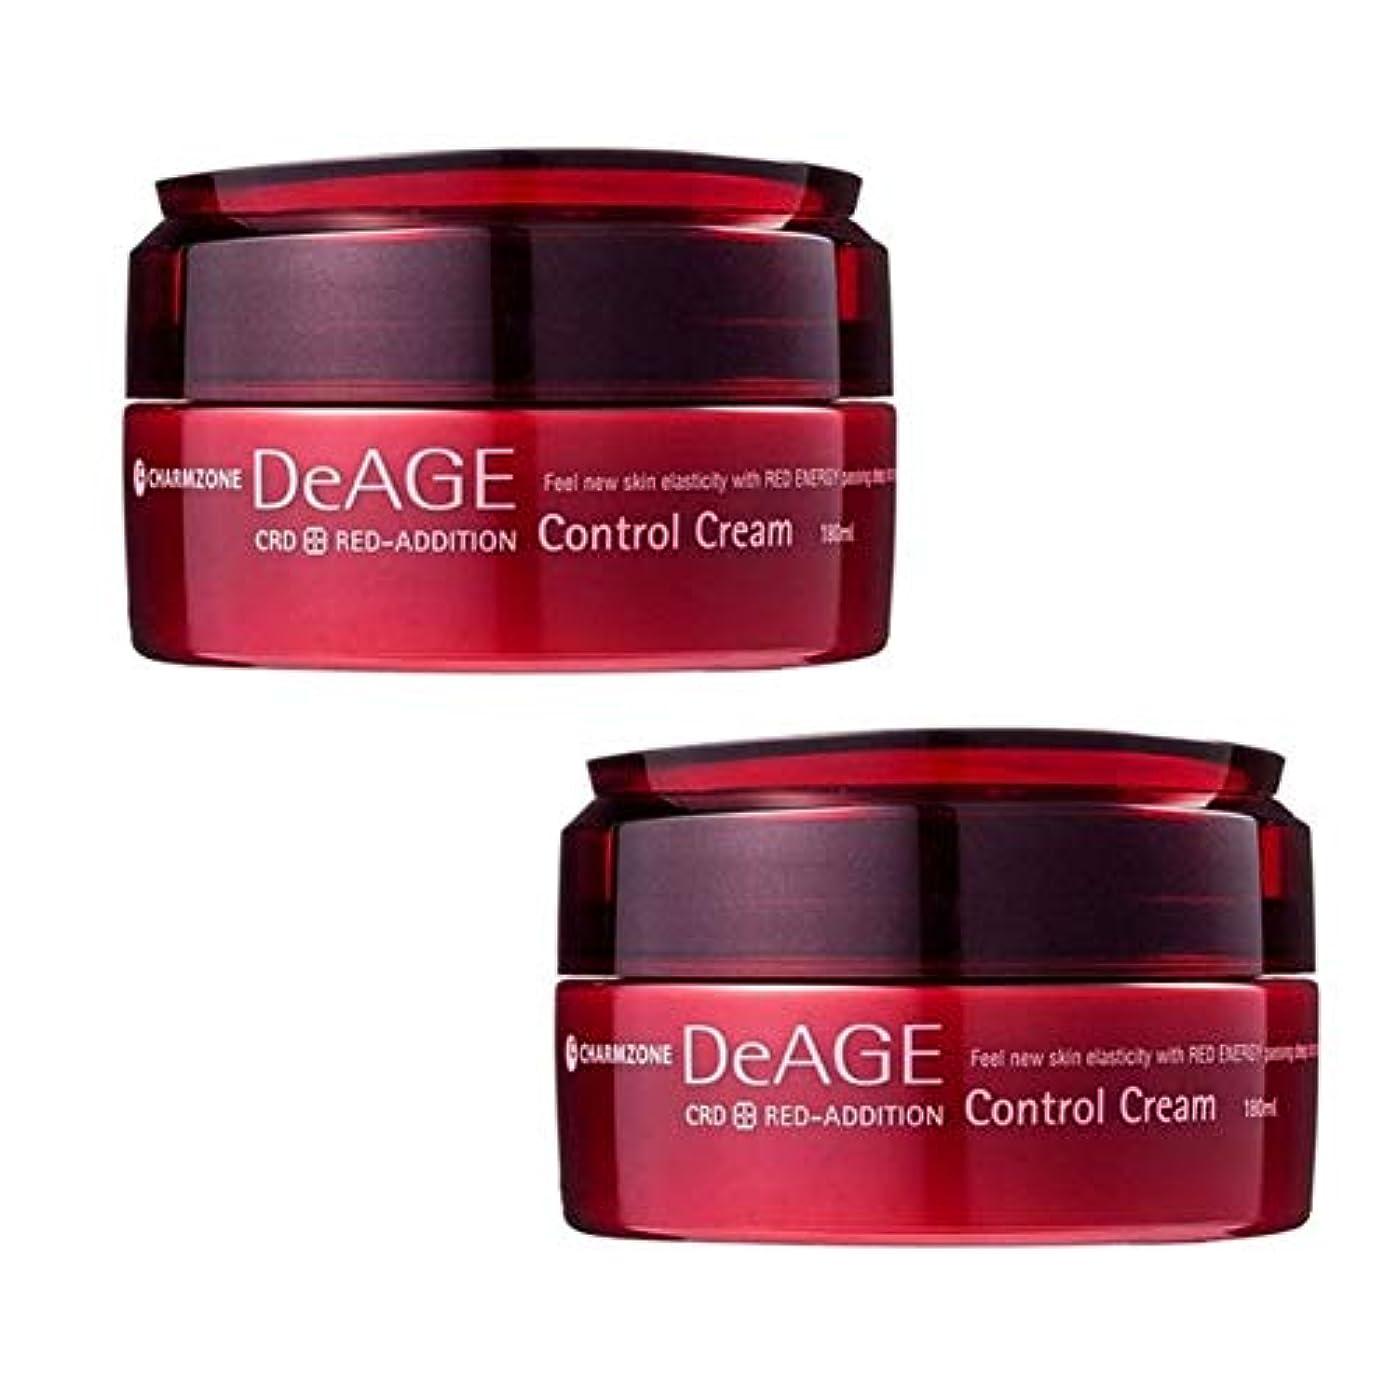 スナップシャンパン彼らのものチャムジョンディエイジレッドエディションコントロールクリーム180ml x 2本セットマッサージクリーム、Charmzone DeAGE Red-Addition Control Cream 180ml x 2ea Set...